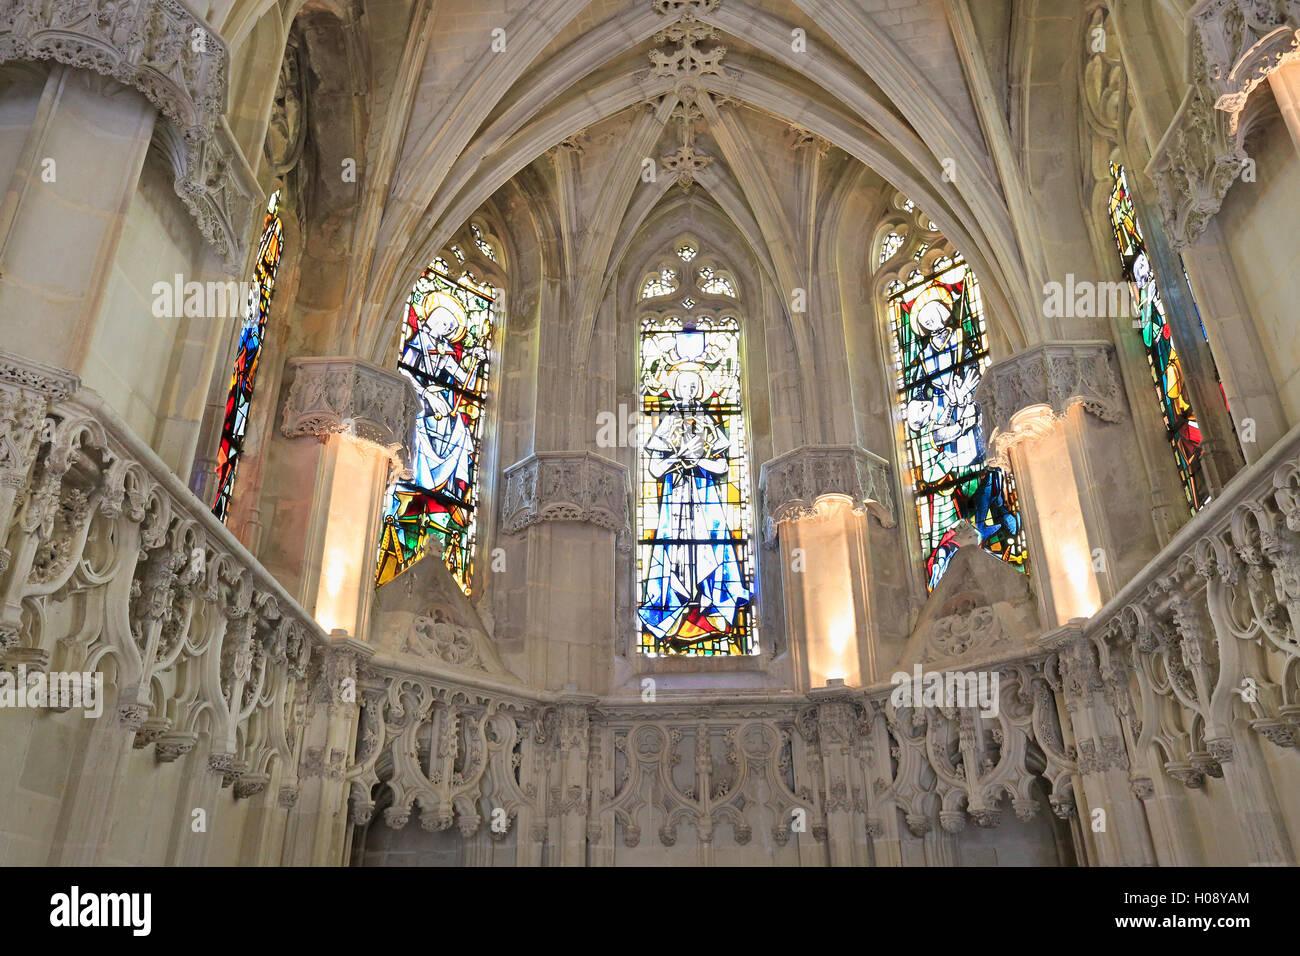 Leonardo da Vinci Chapel, Chateau Amboise on Loire Valley, France - Stock Image